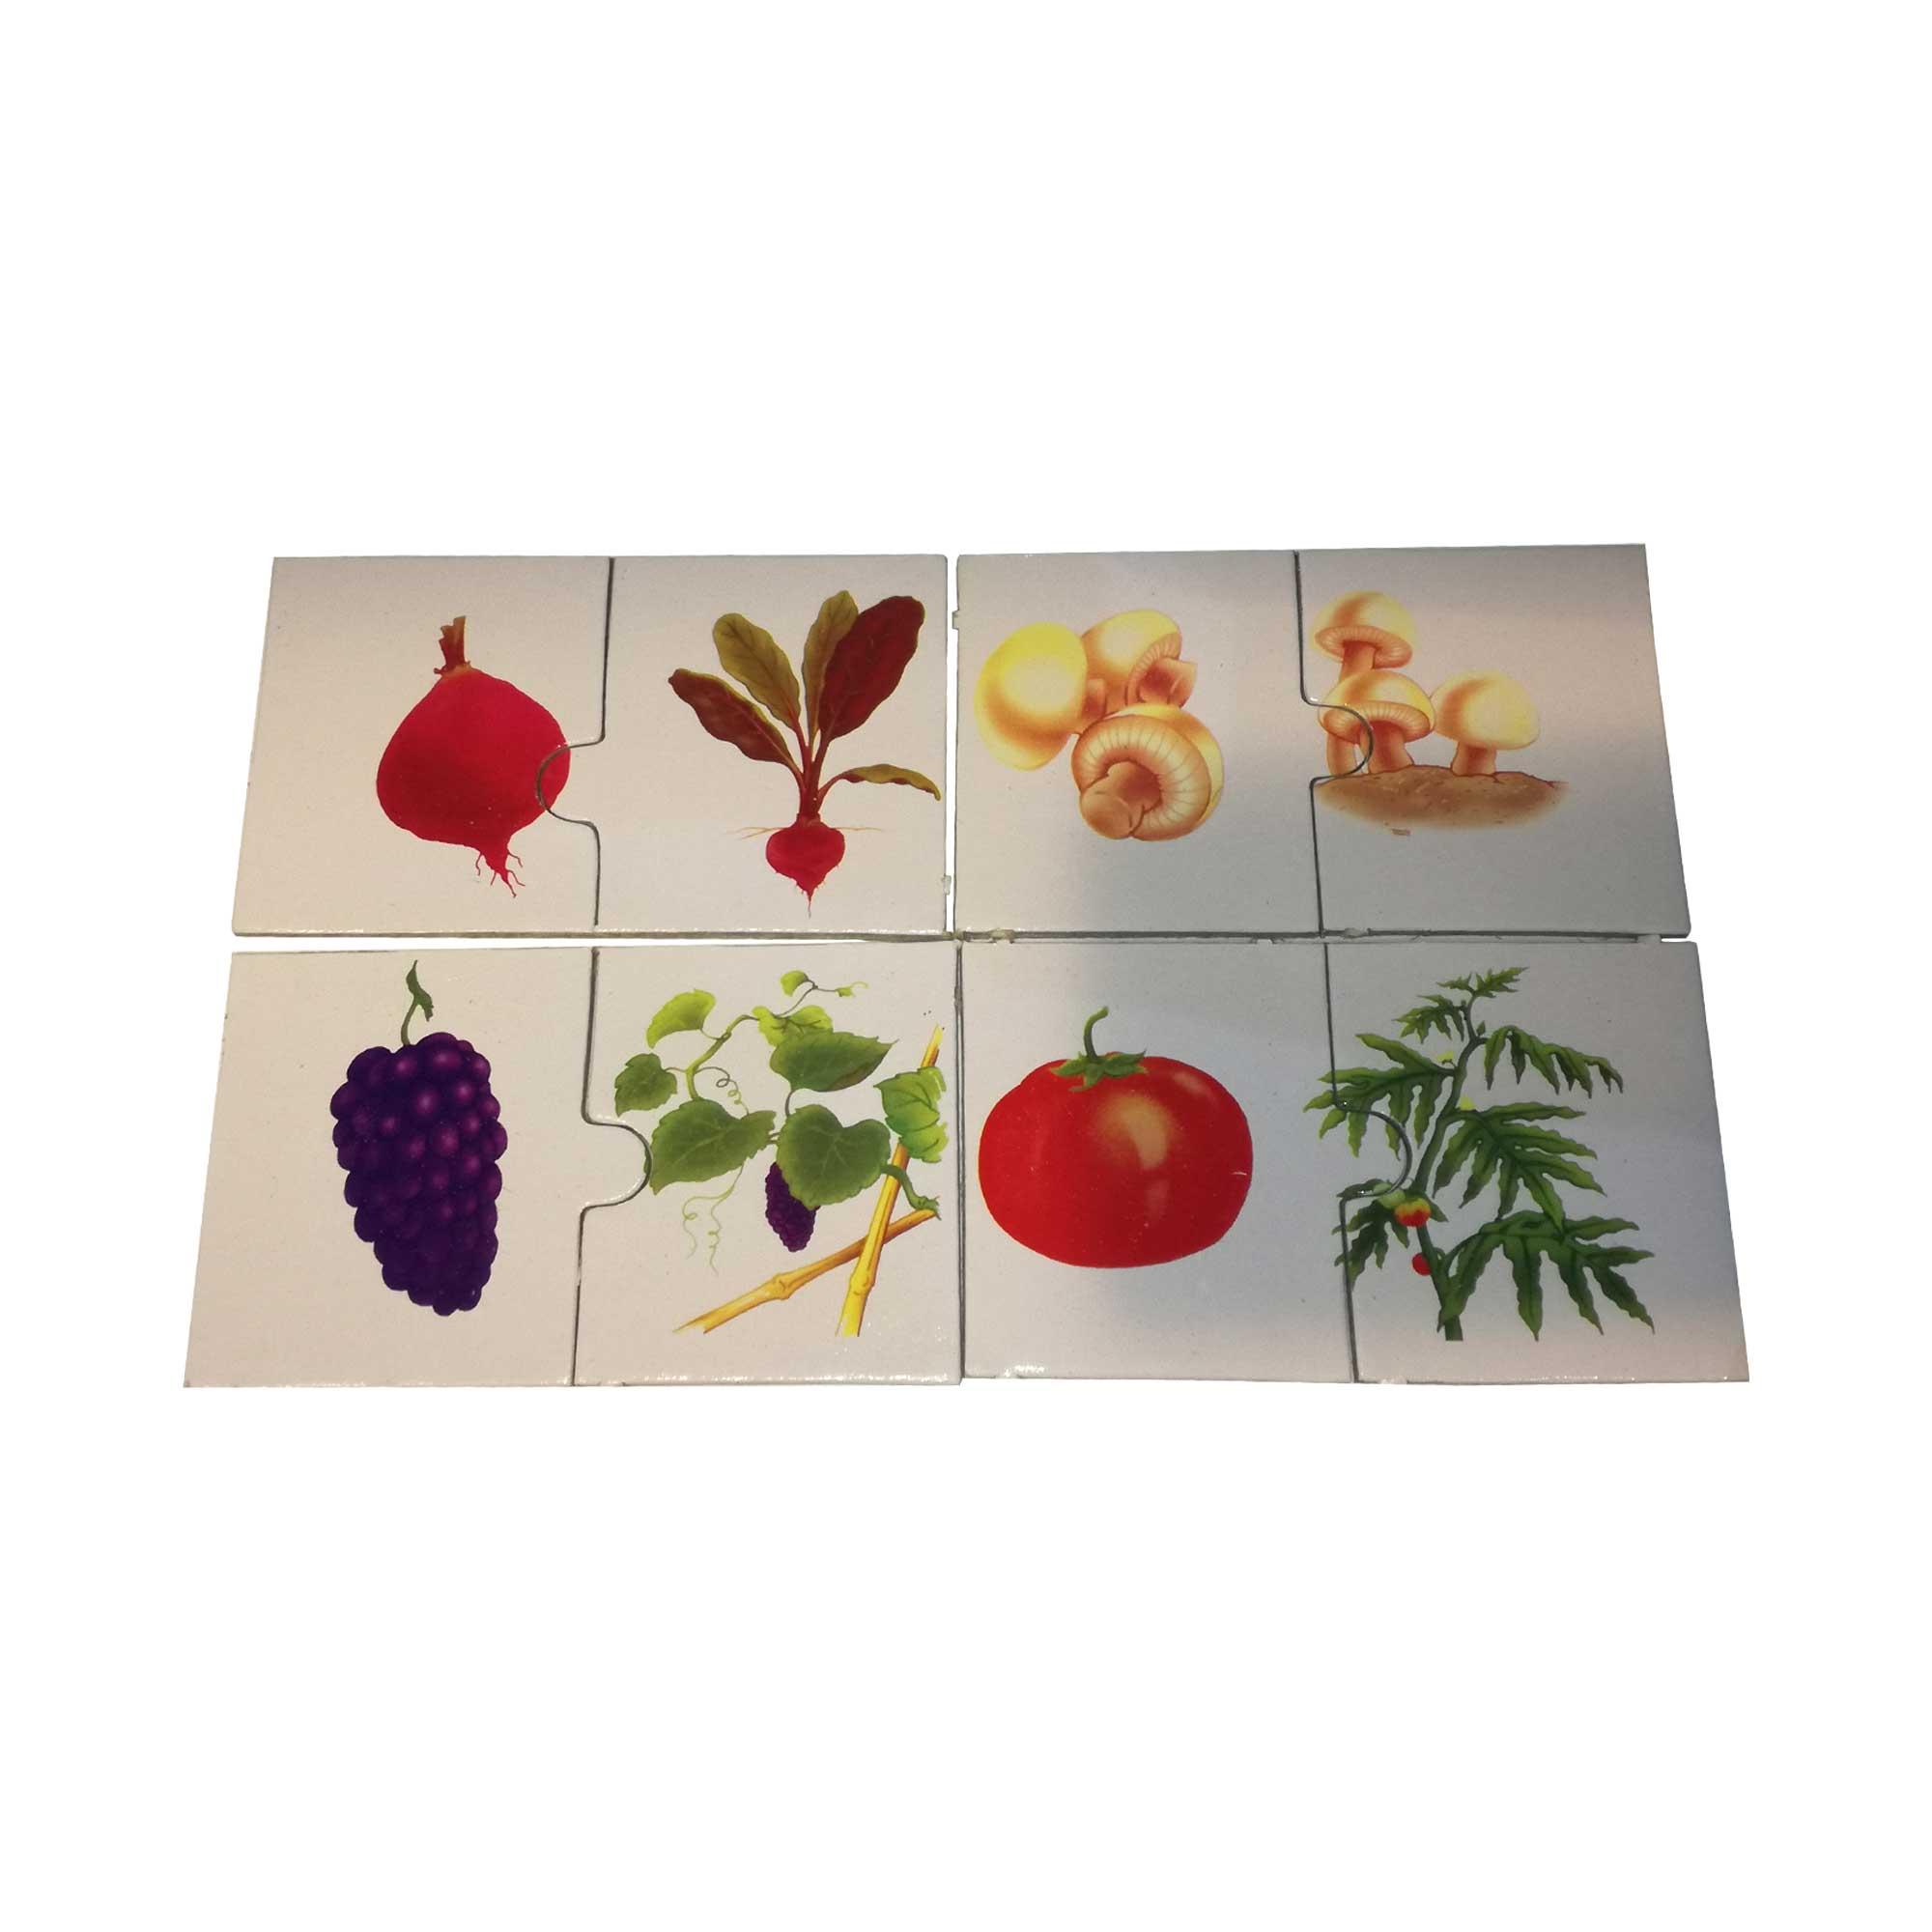 بازی آموزشی مدل میوه و سبزی کد 5237